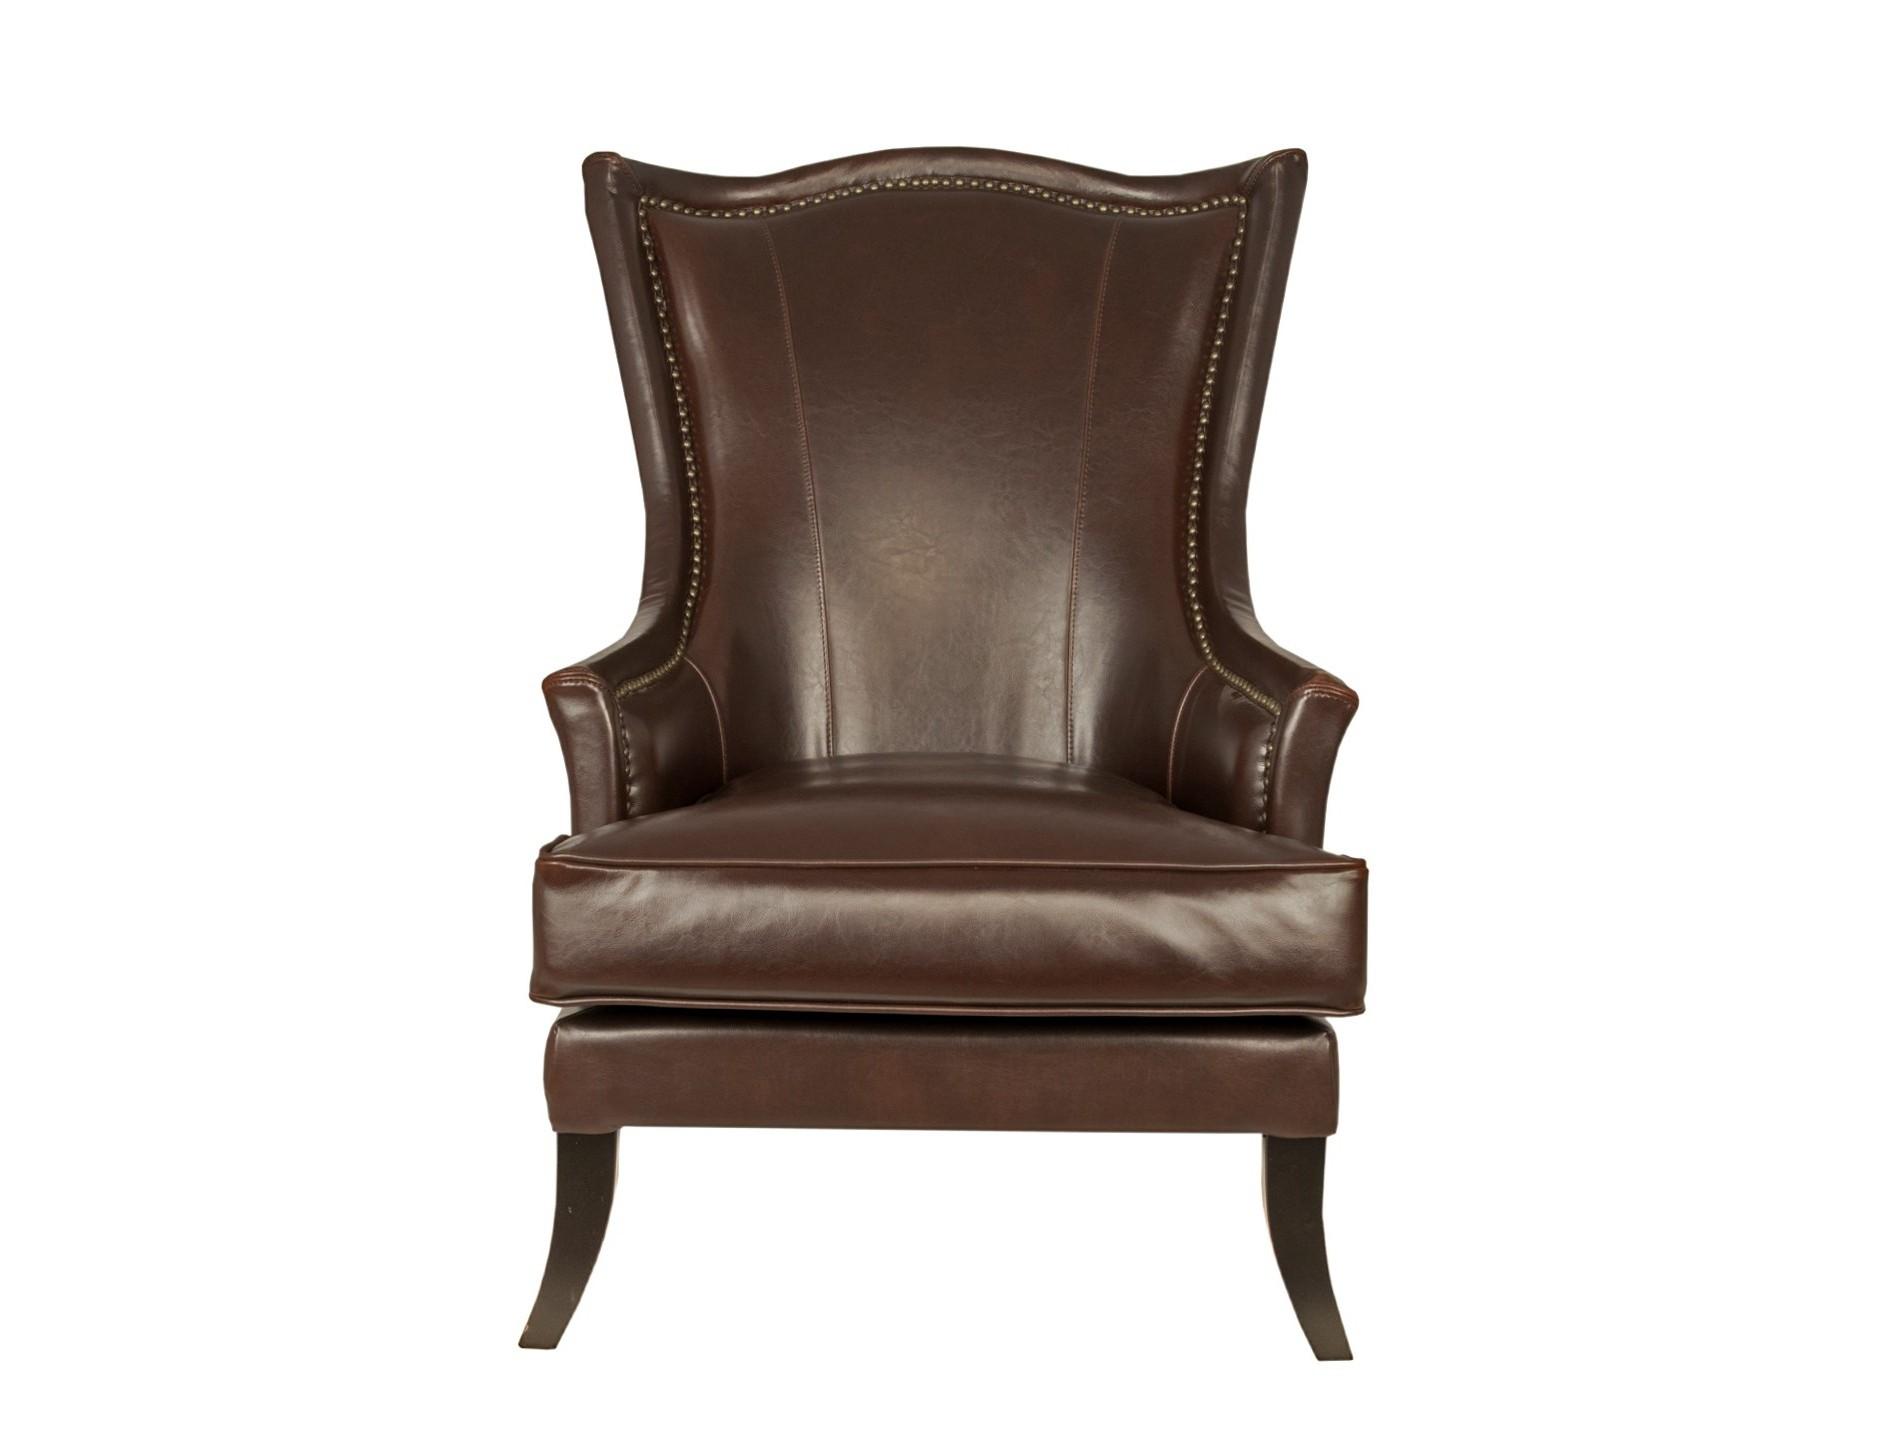 Кресло ChesterКожаные кресла<br>Это необычное кожаное кресло прекрасно впишется в интерьер гостиной или кабинета. Кресло Chester воплотило в себе сдержанную элегантность и неброский шик. Высокая спинка позволяет удобно расположиться в кресле и спокойно отдохнуть.&amp;amp;nbsp;<br><br>Material: Кожа<br>Width см: 80<br>Depth см: 92<br>Height см: 112